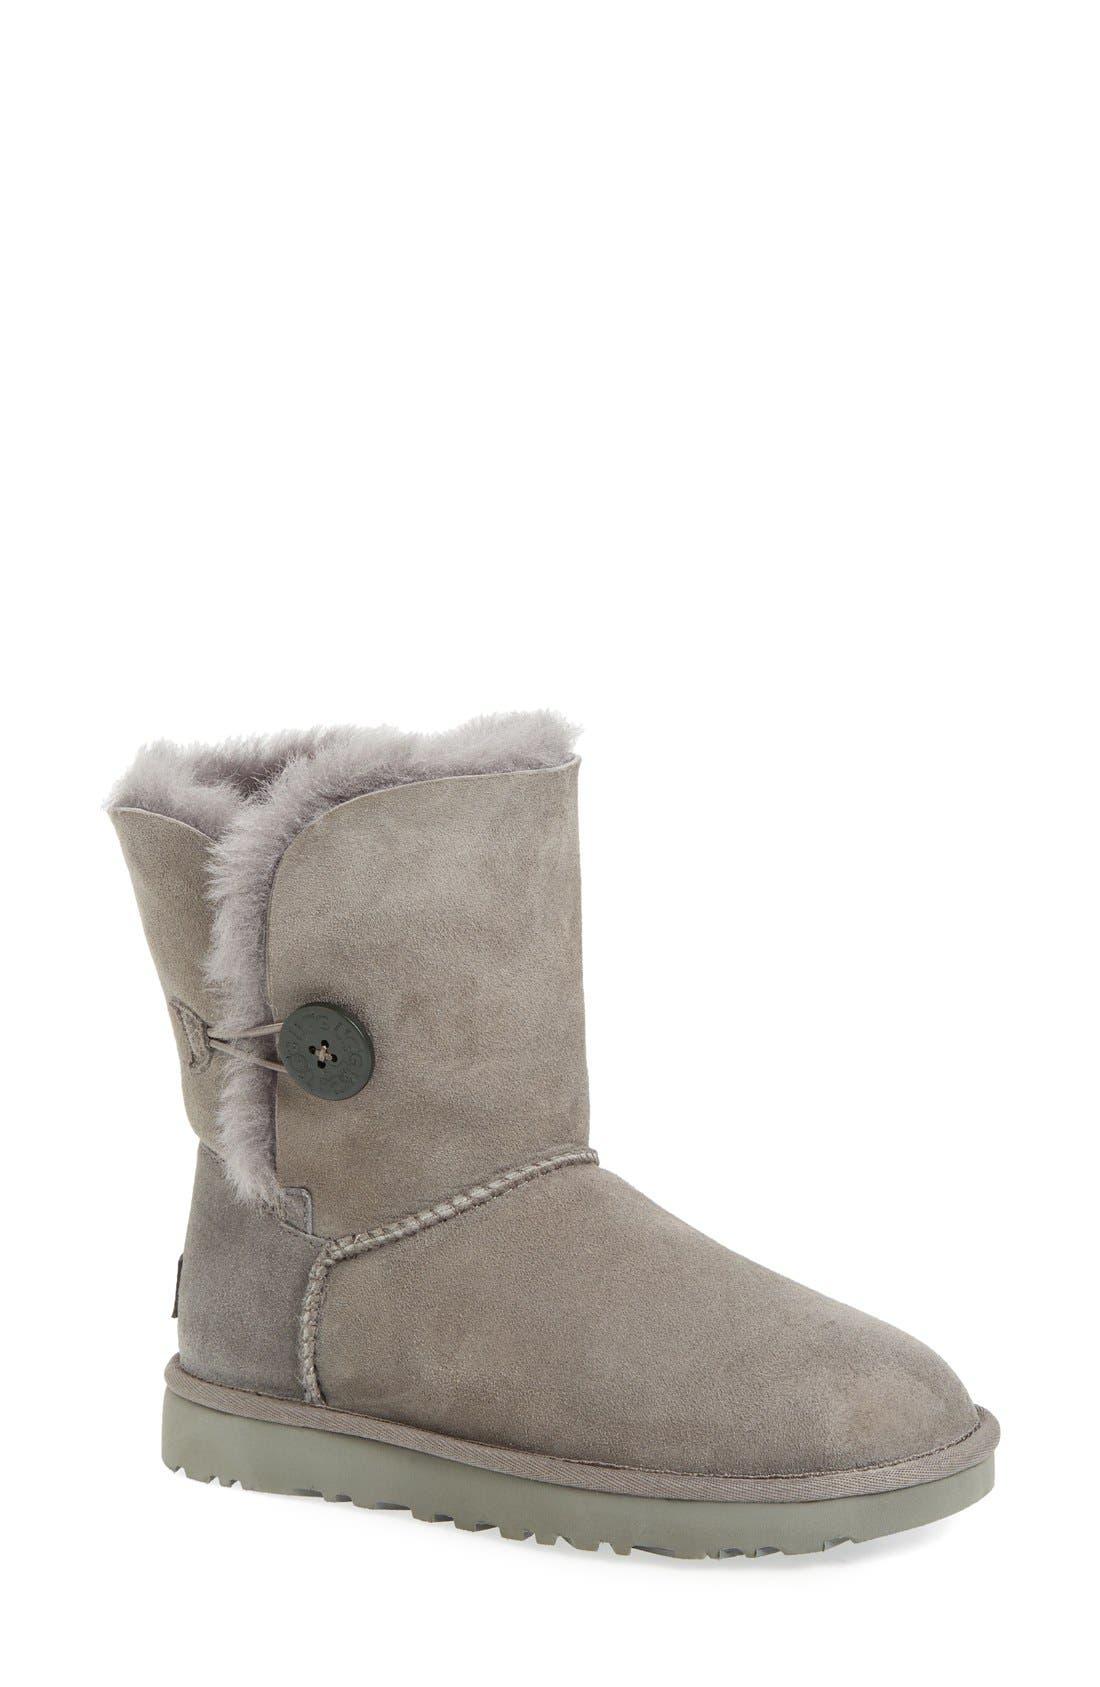 Main Image - UGG® 'Bailey Button II' Boot (Women)